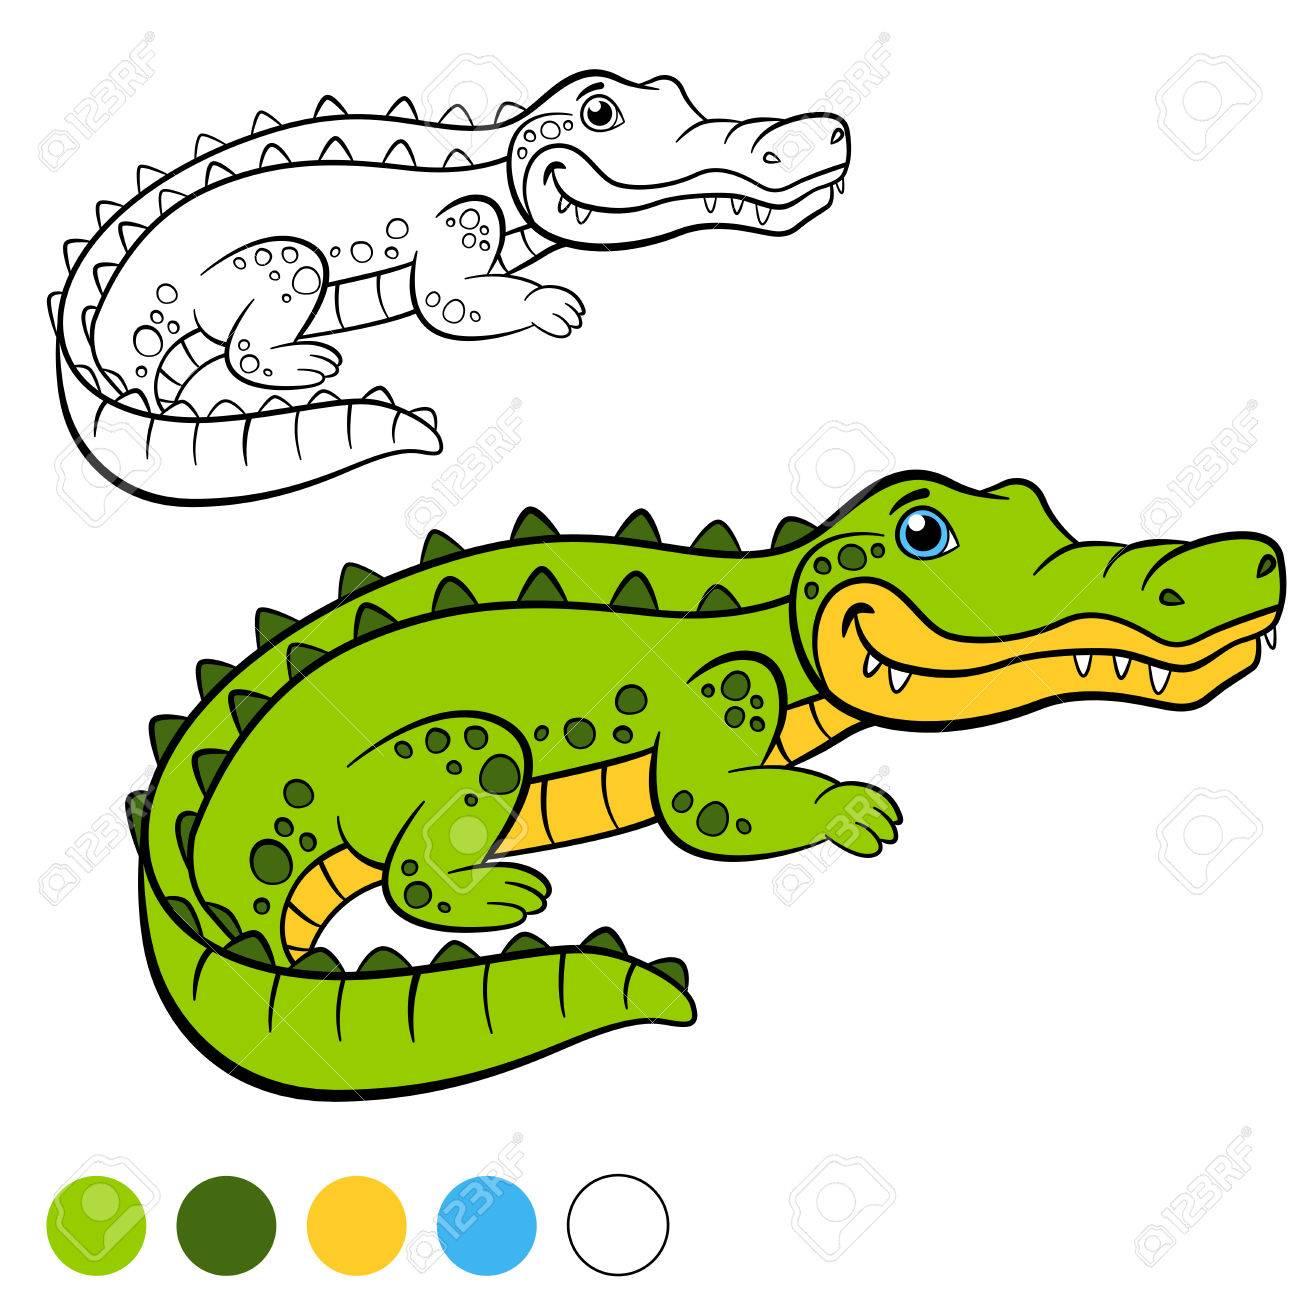 Dibujo Para Colorear Color Me Cocodrilo Pequeños Lindo Sonrisas Alligator Visto